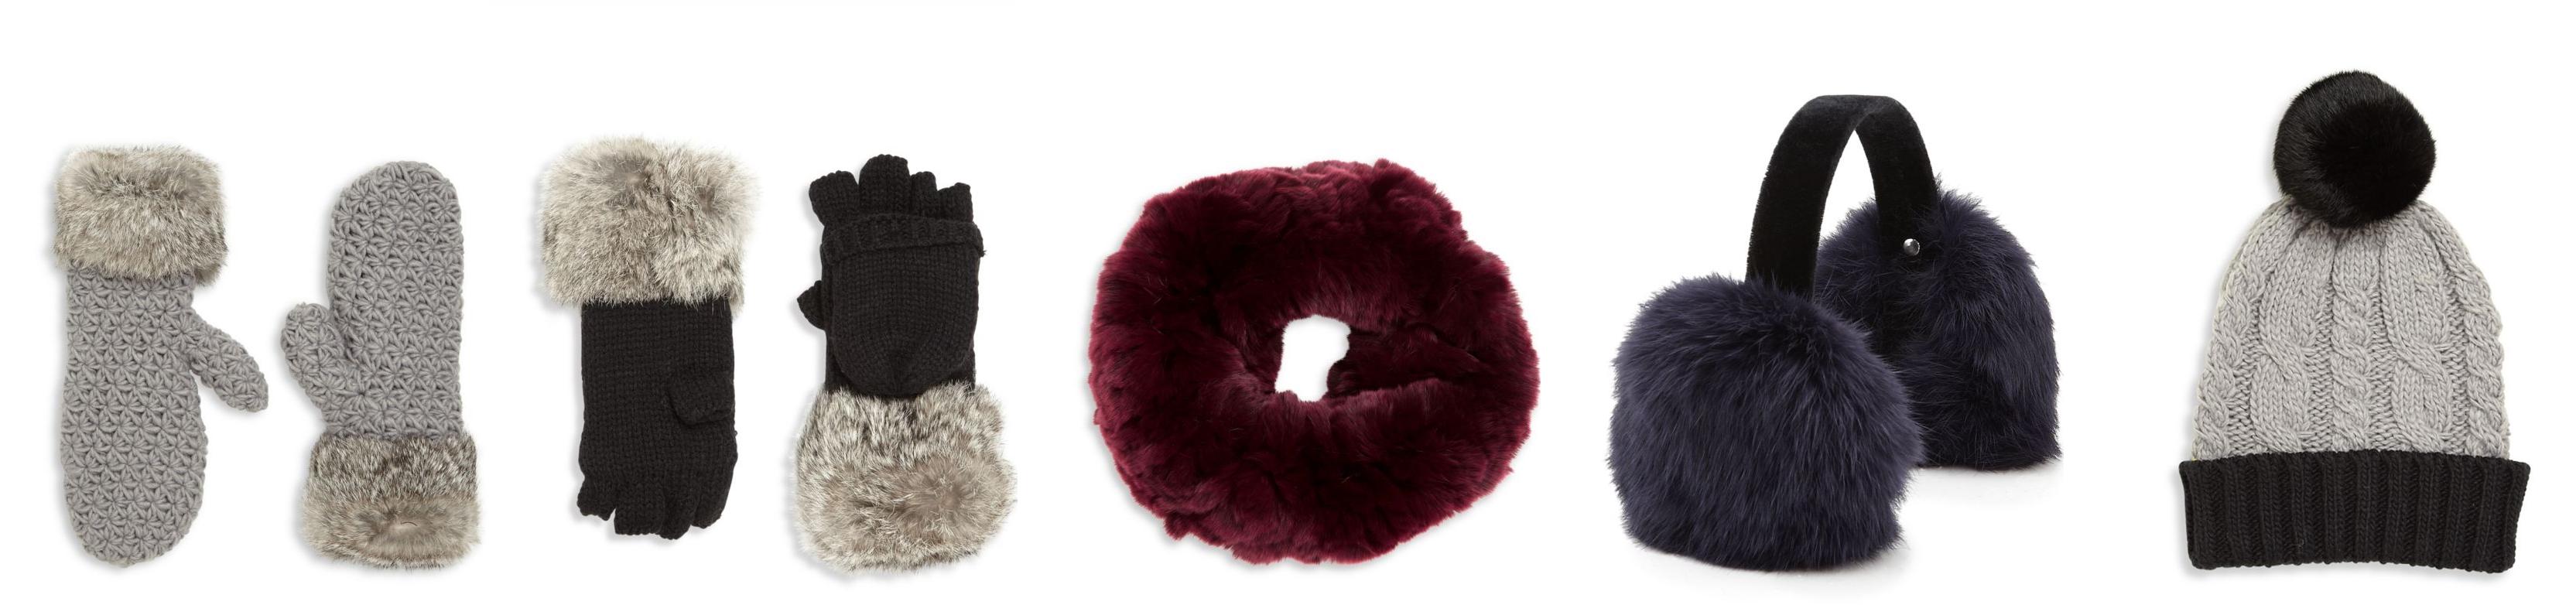 306c31d909d Surell Girl s Rabbit Fur Mittens